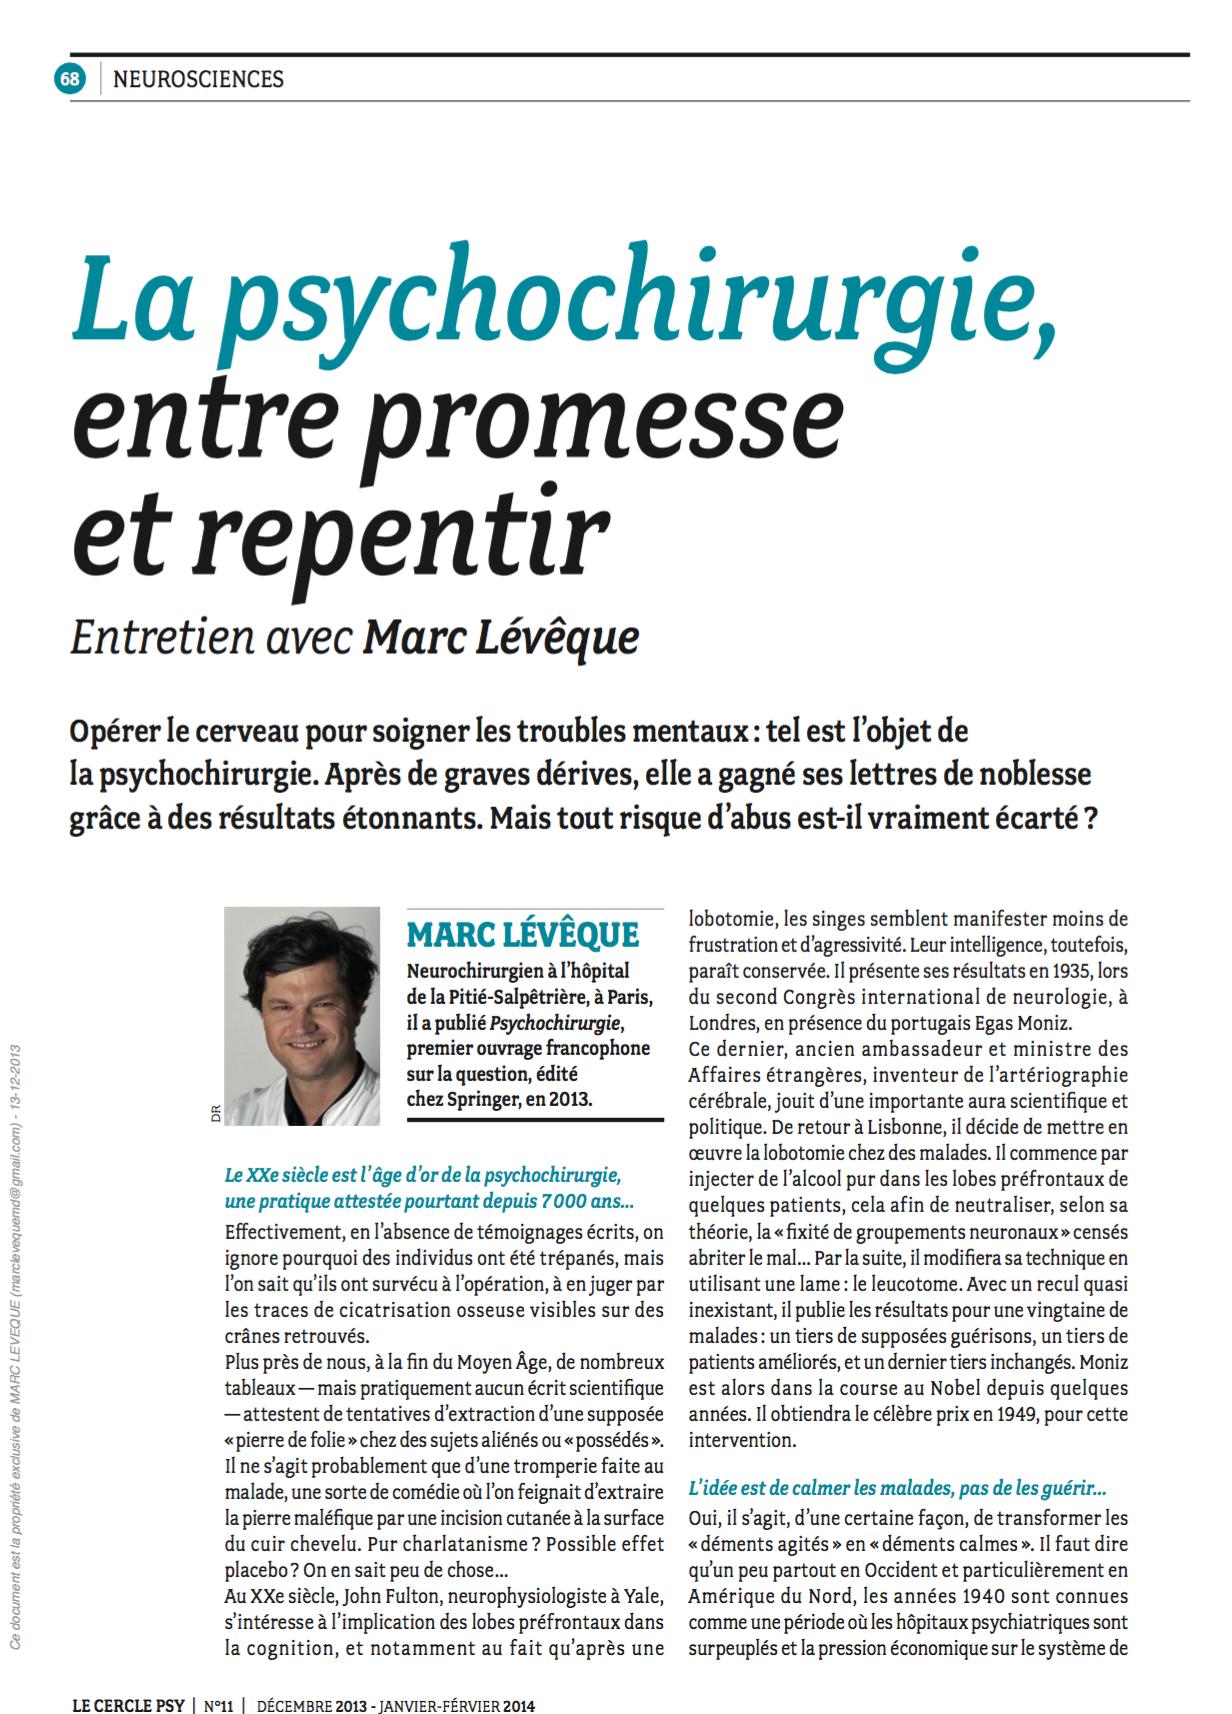 Cercle Psy - La psychochirurgie : entre promesse et repentir - 02/02/14   (1)